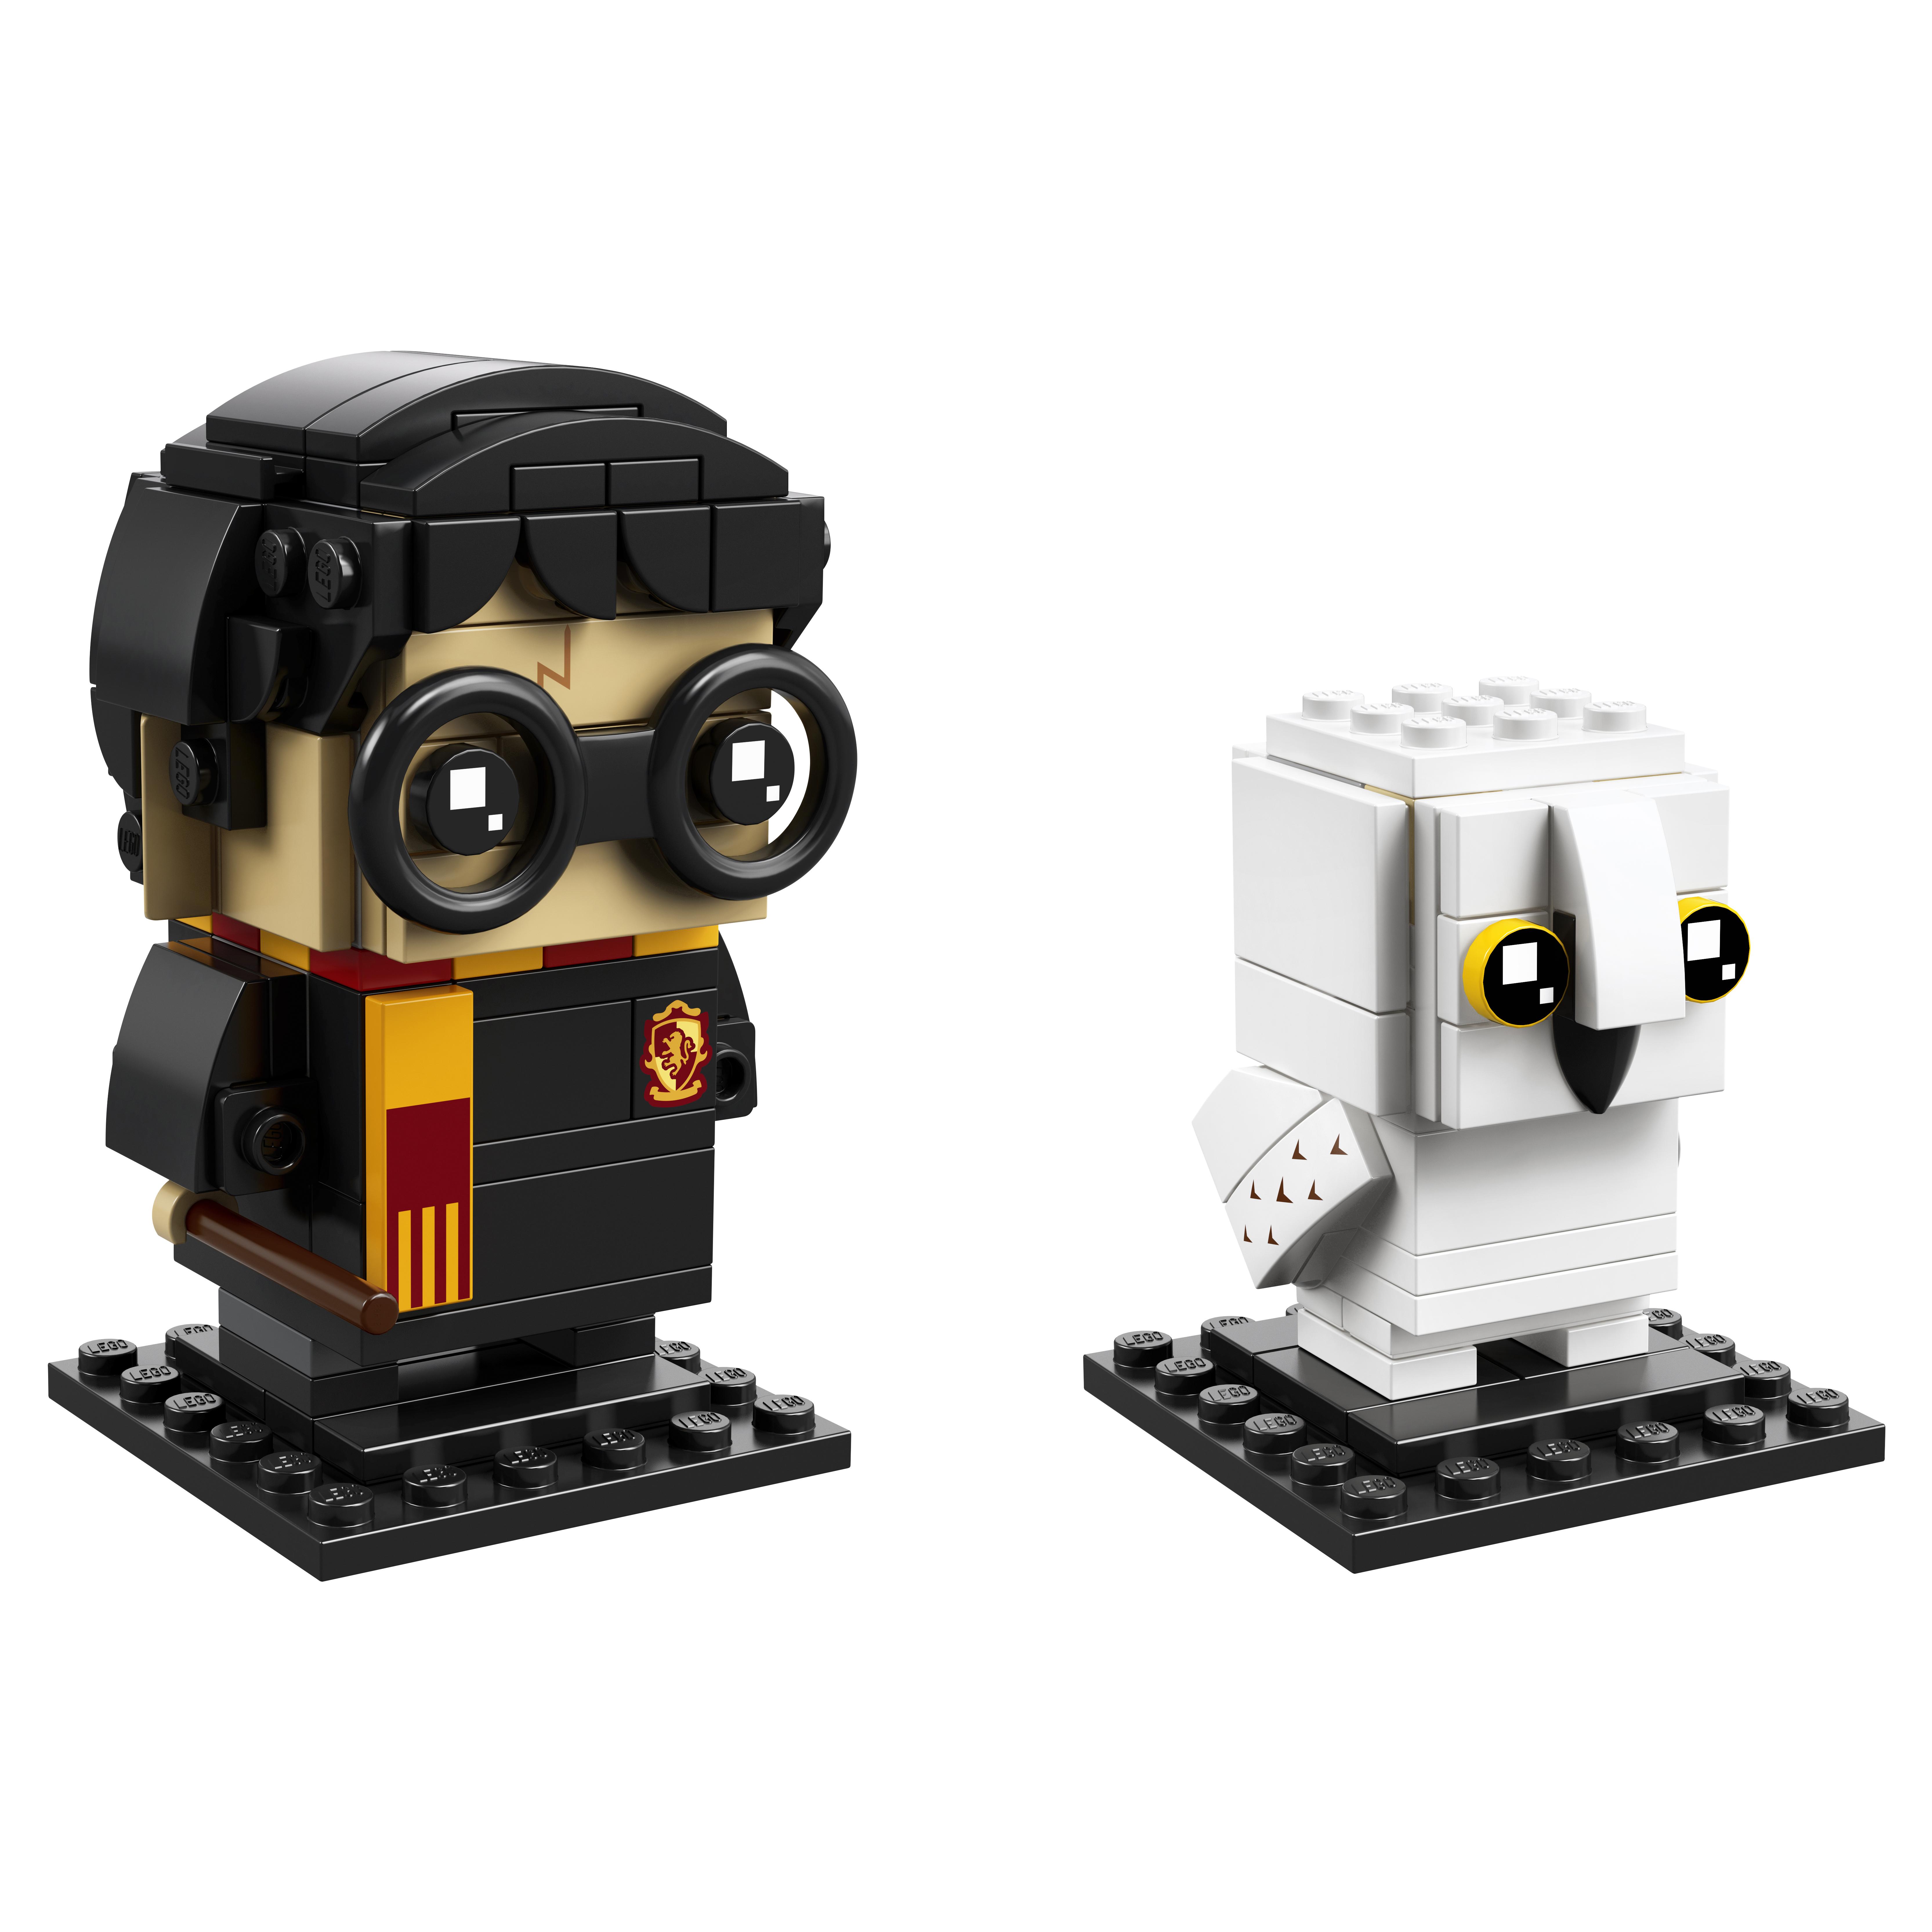 Купить Конструктор lego brickheadz гарри поттер и букля 41615, Конструктор LEGO BrickHeadz Гарри Поттер и Букля 41615, LEGO для девочек